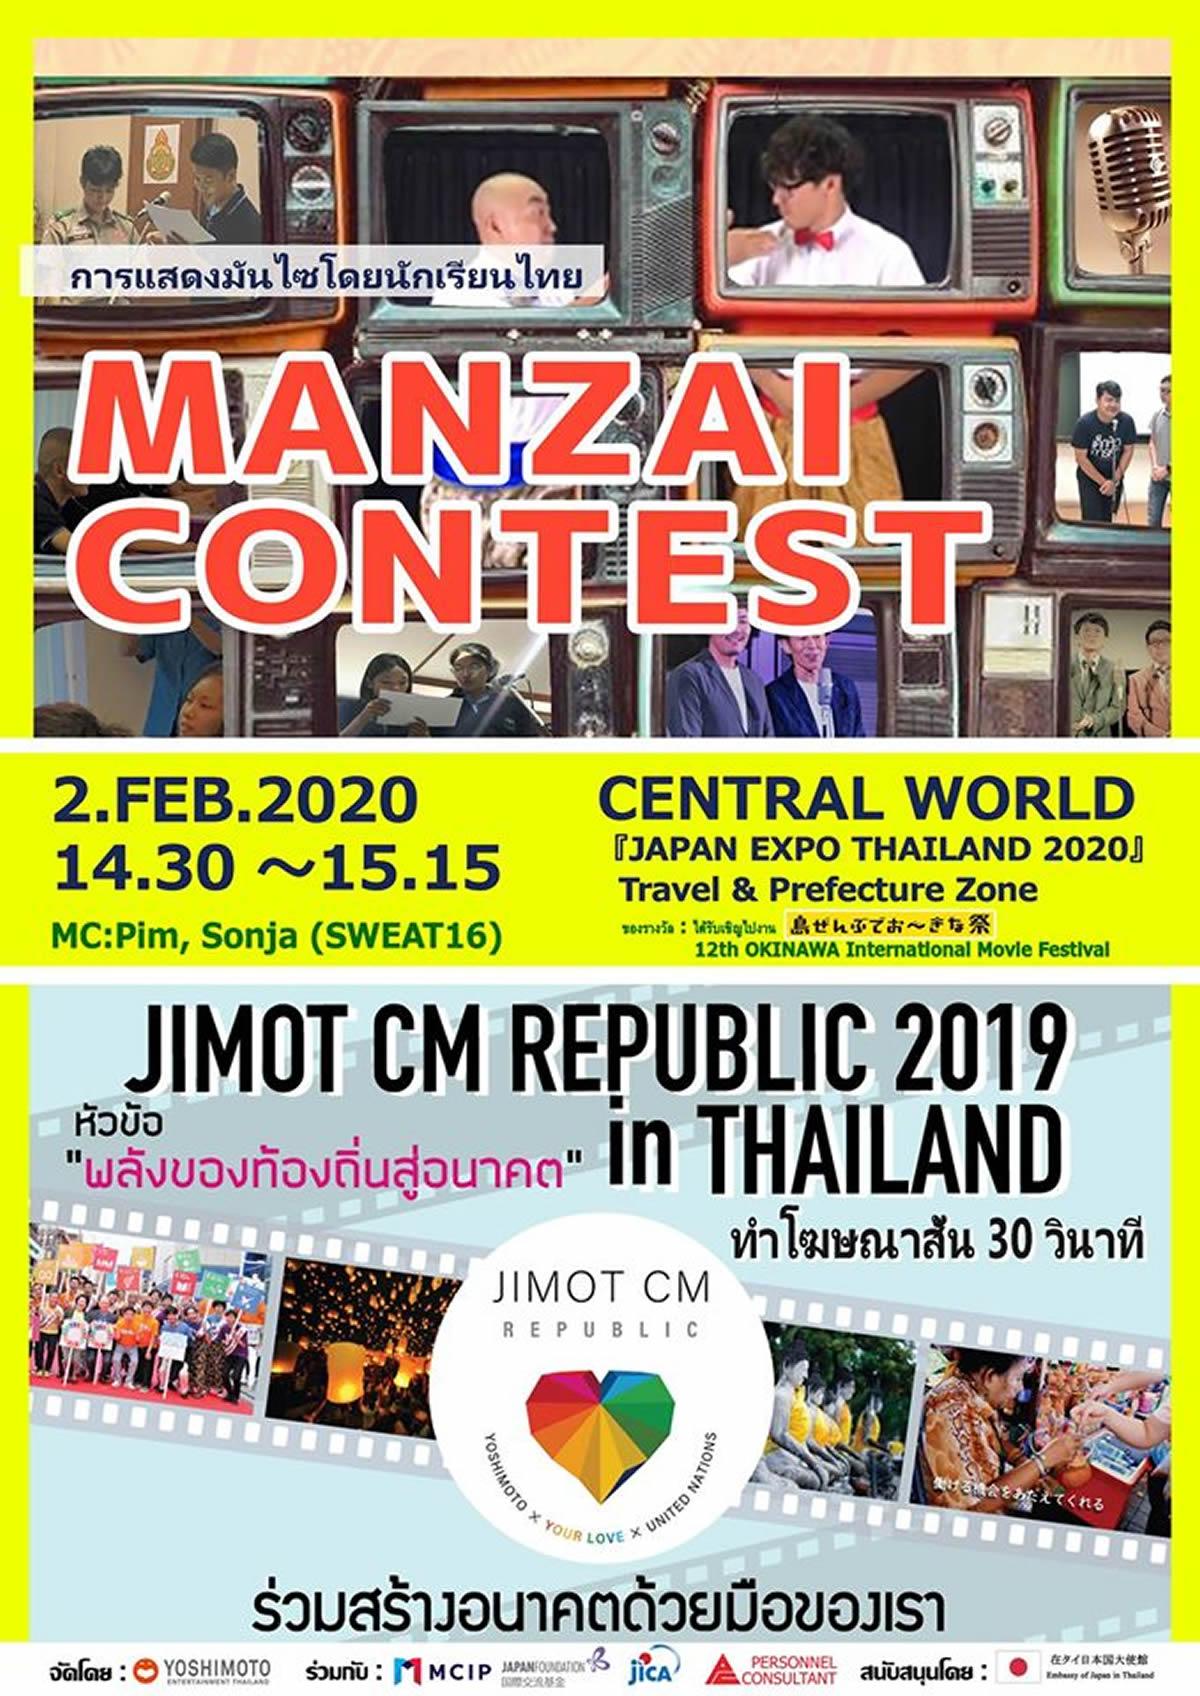 タイ人たちの『漫才コンテスト』開催、ジャパンエキスポタイランド2020で